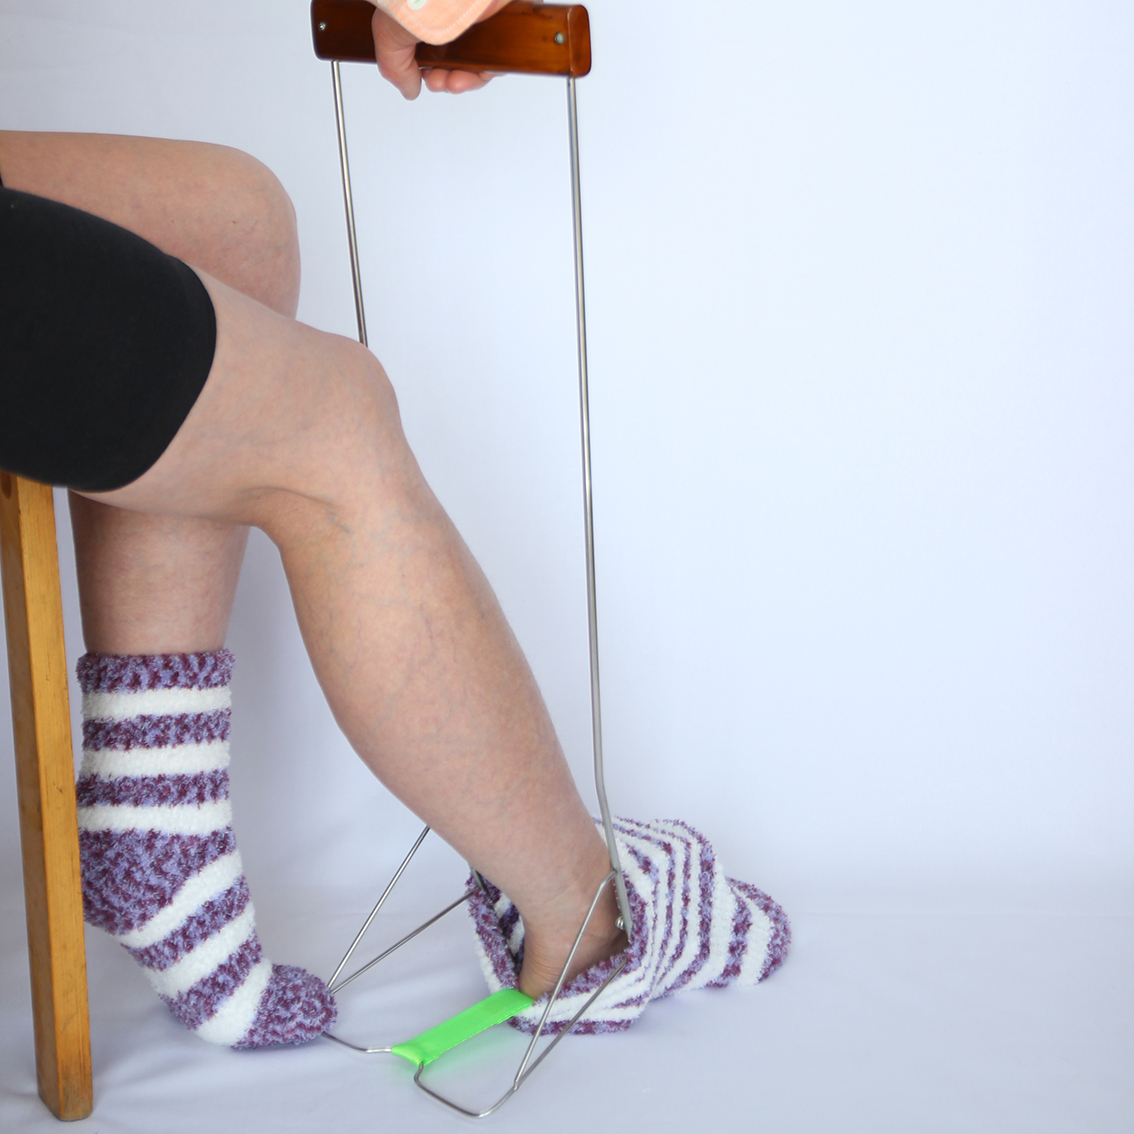 腰痛でお悩みの方へ!「はきやす」スタンダードタイプ(腰を曲げずに靴下が簡単に履けます!)